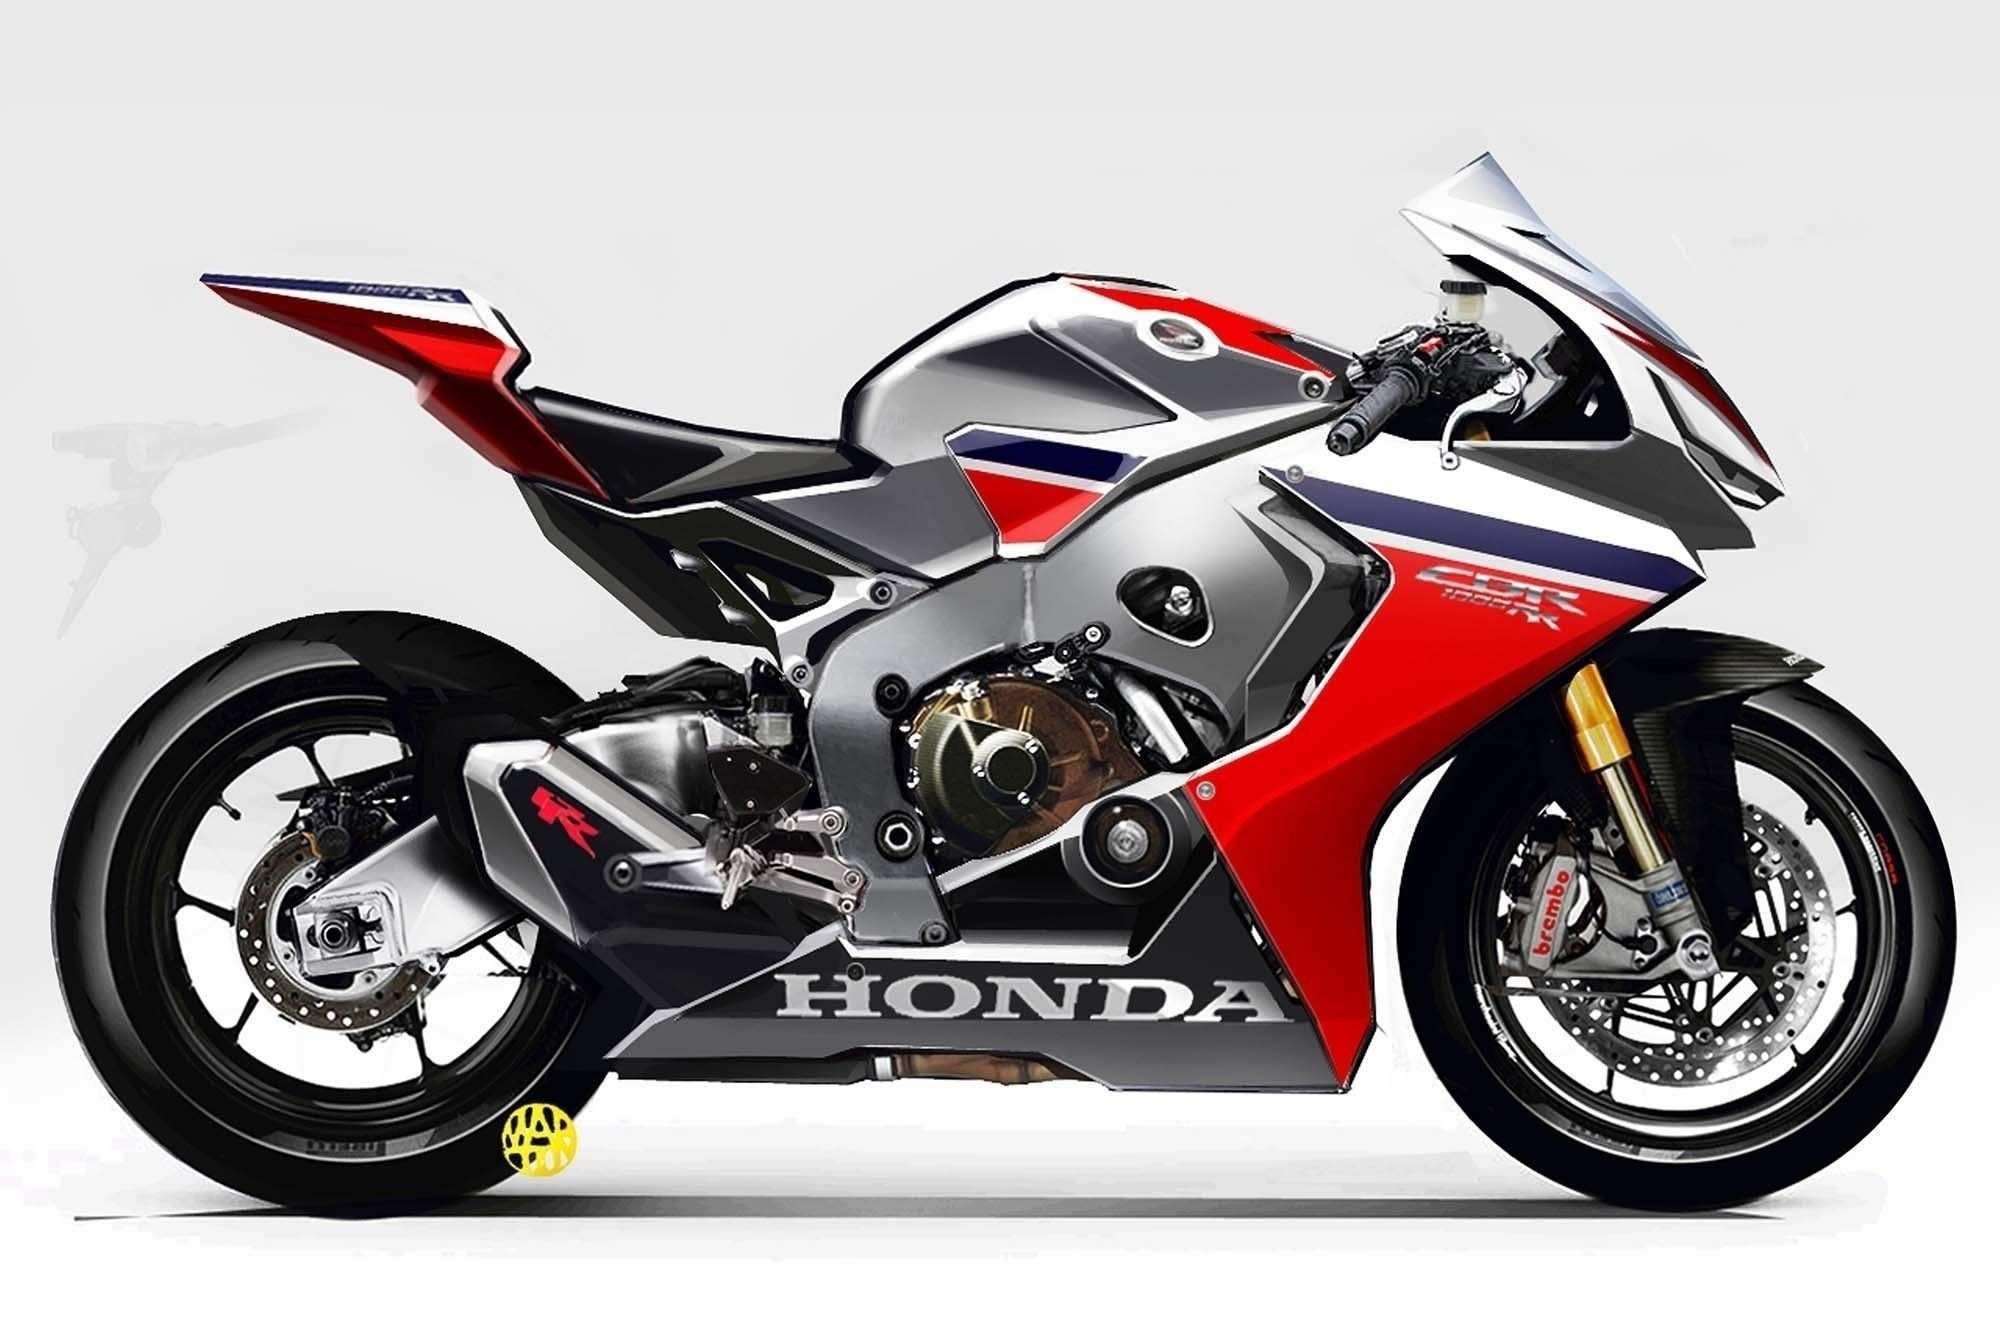 40 Great 2019 Honda 1000Rr Speed Test for 2019 Honda 1000Rr